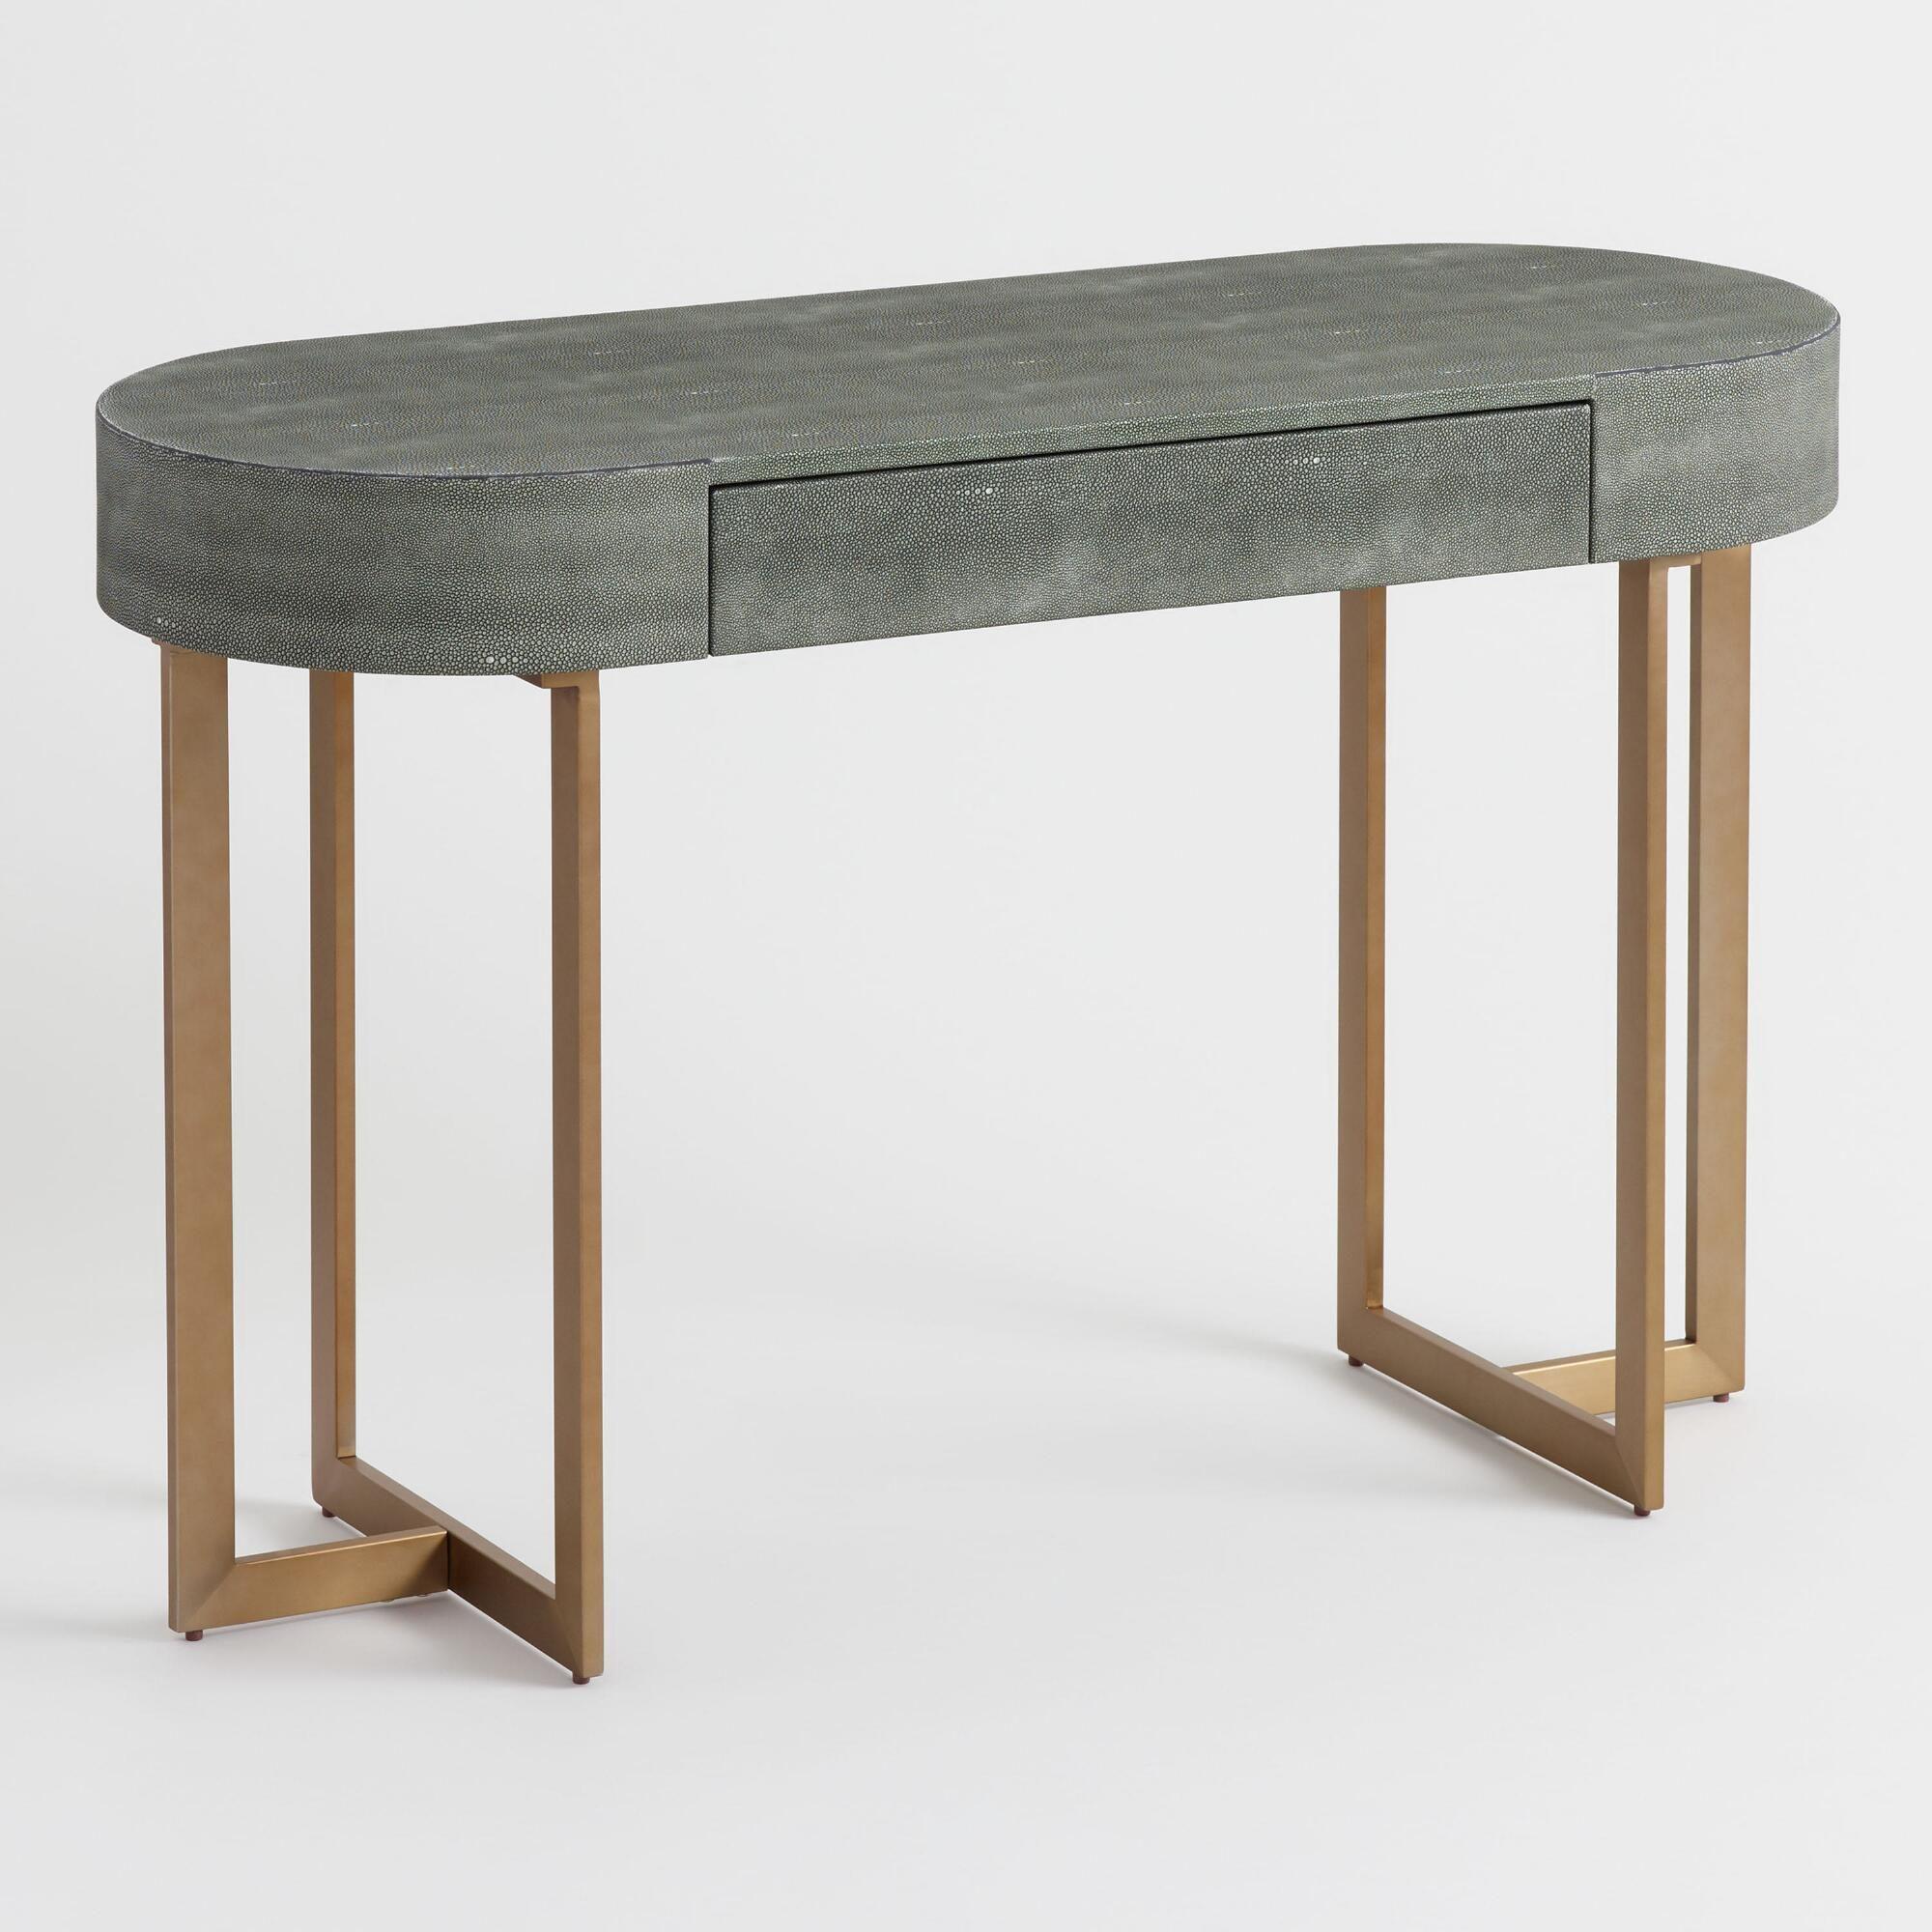 Oval Gray Faux Shagreen Katy Desk by World Market